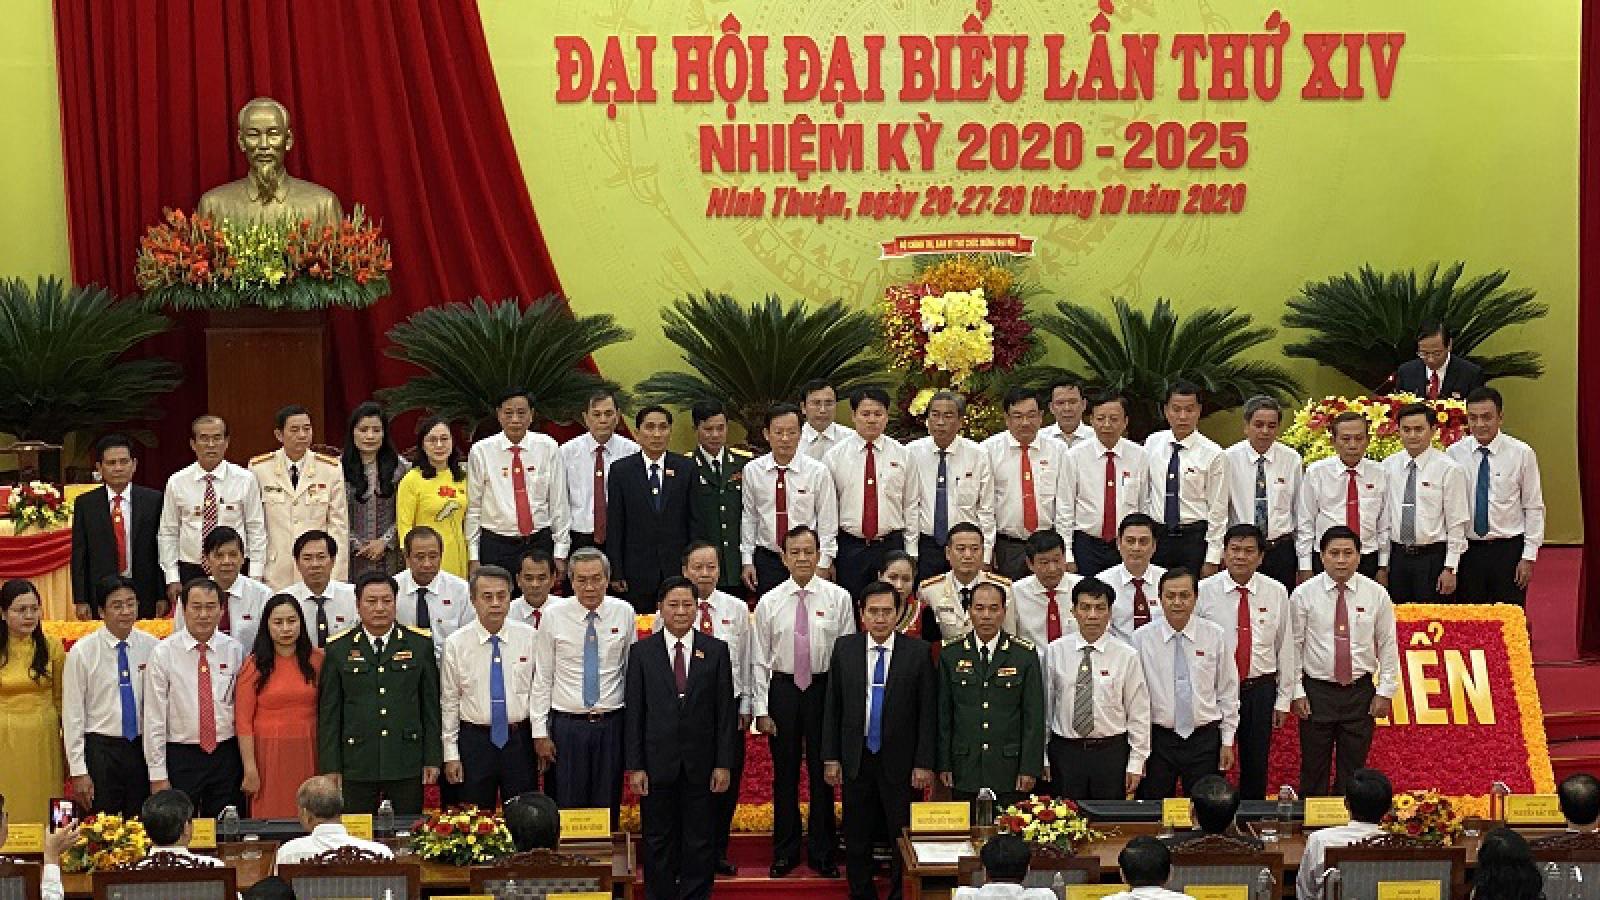 Ninh Thuậnthực hiện 2 đột phá về phát triển năng lượng và du lịch